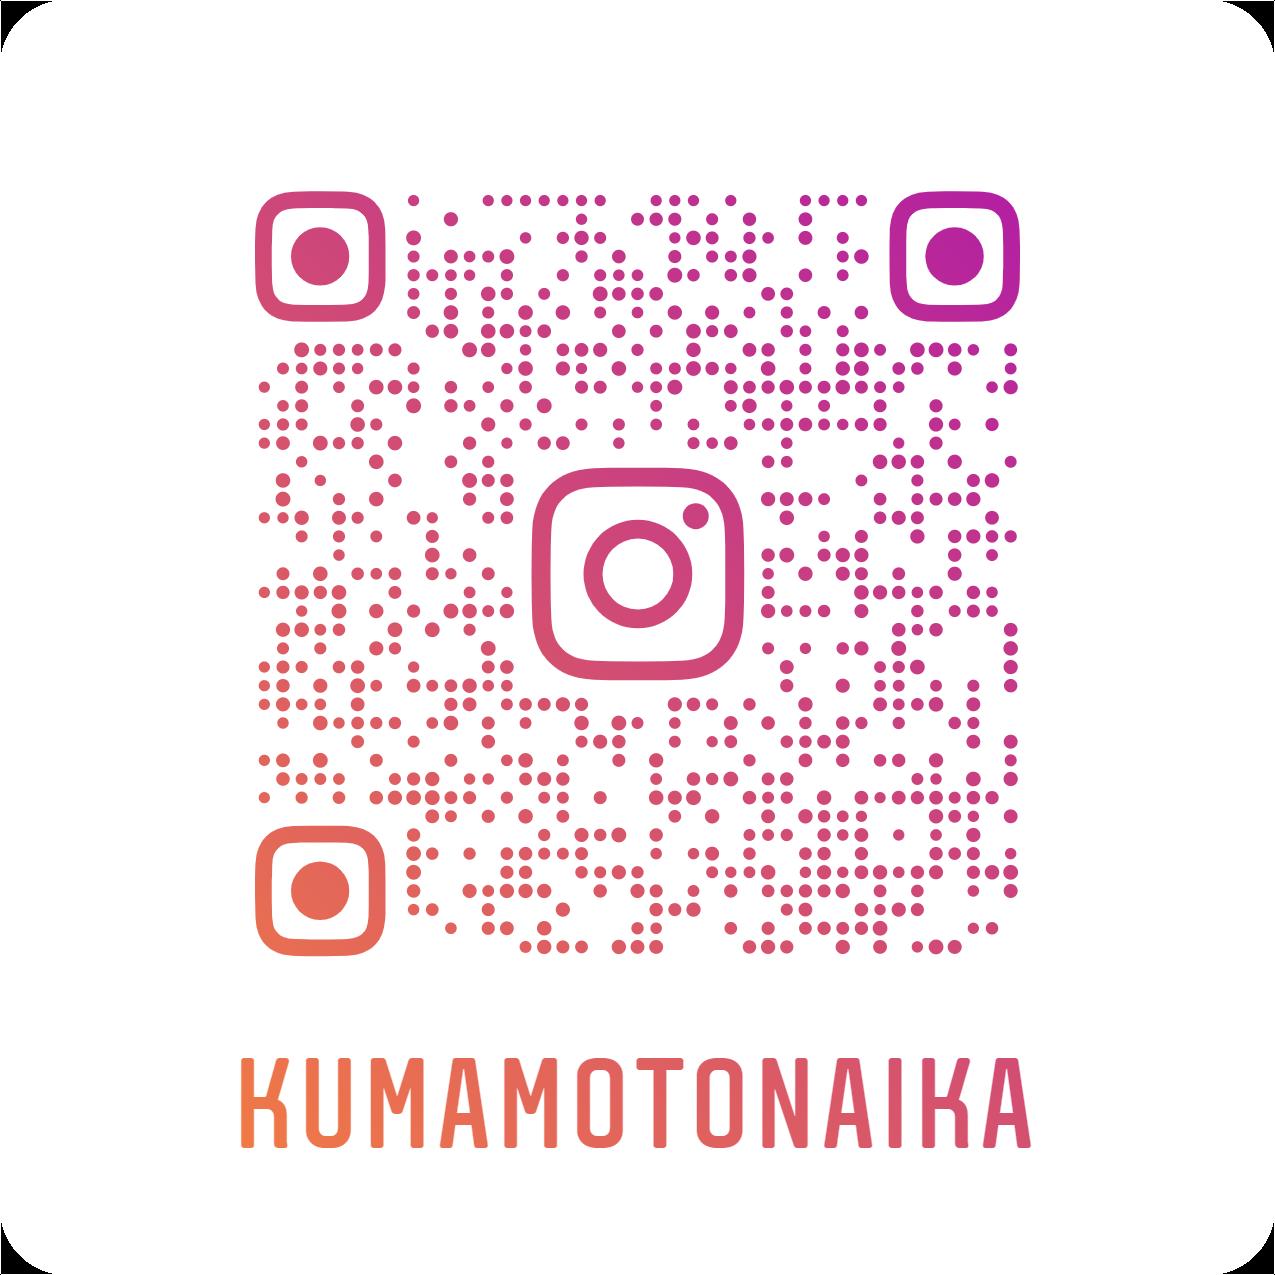 公式Instagramアカウントができました